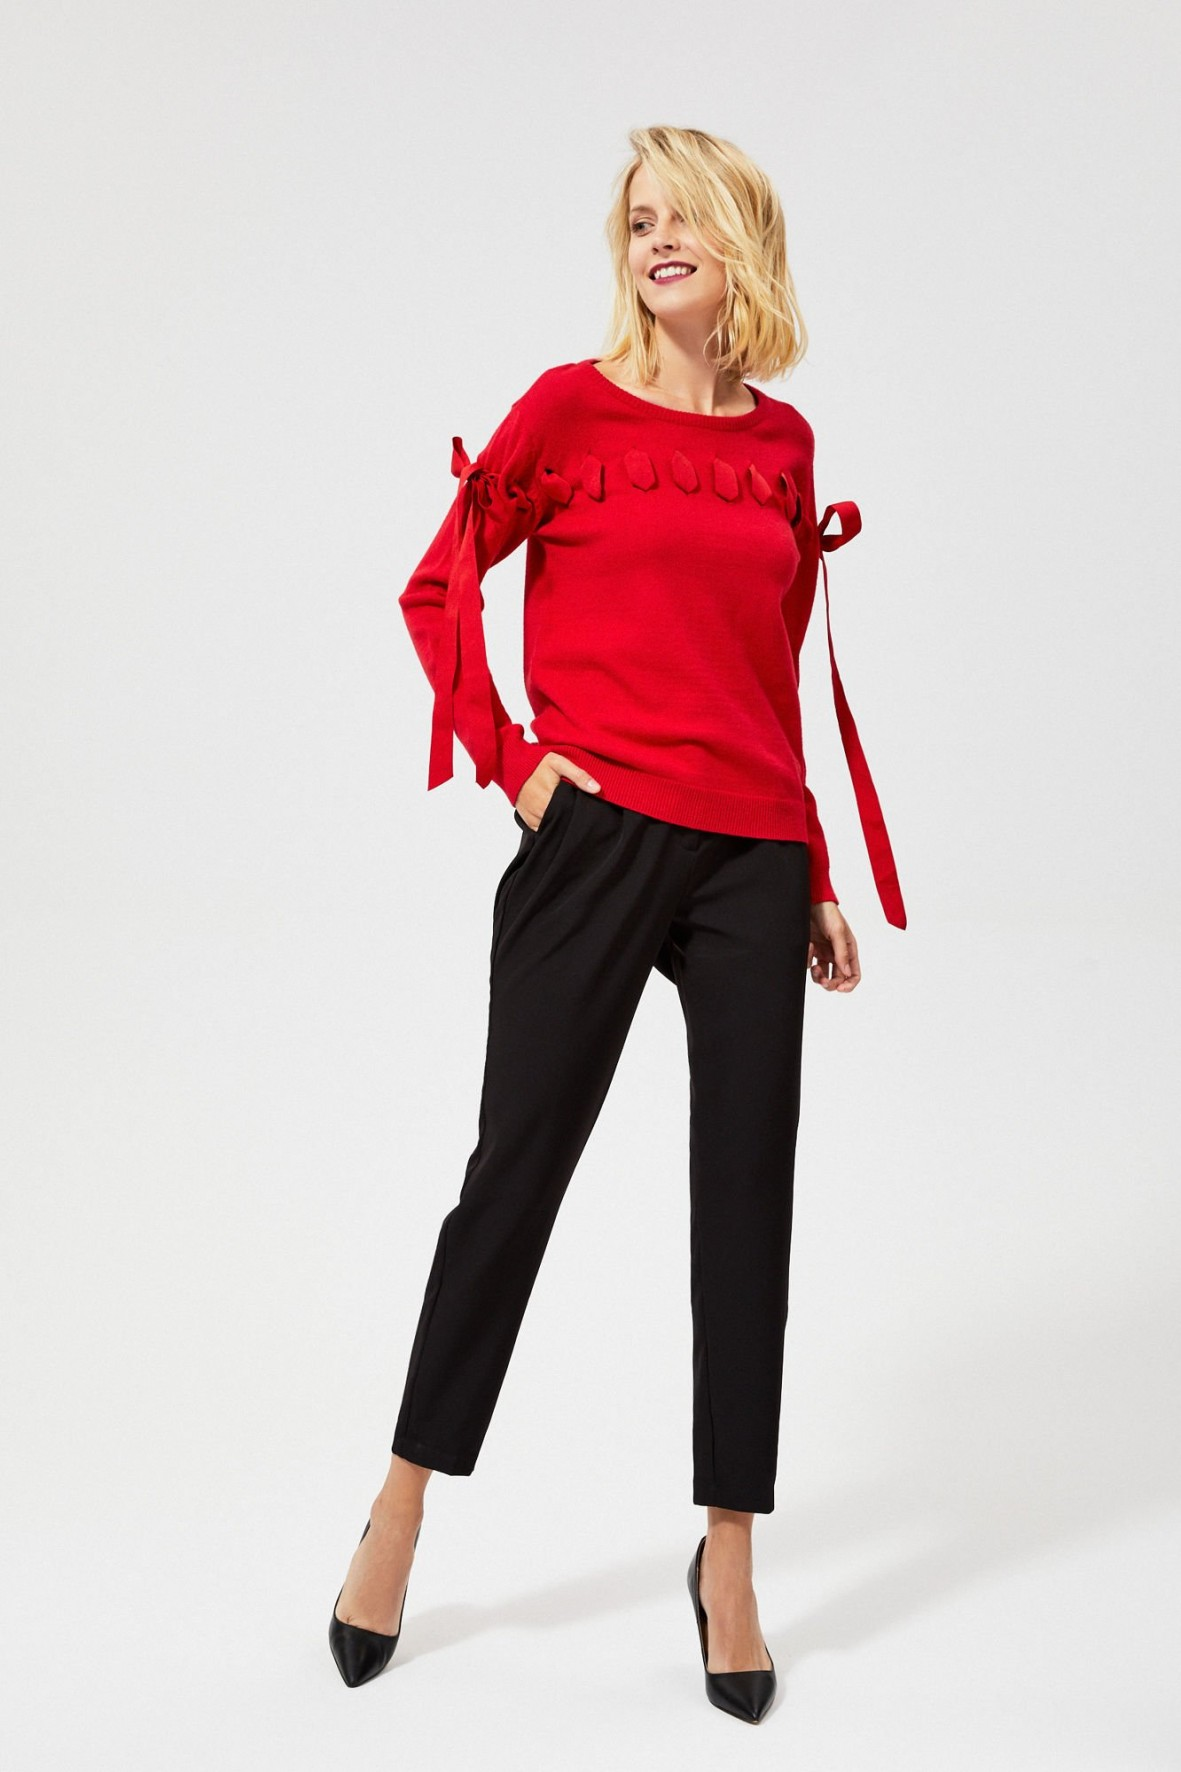 Czarwony sweter z ozdobna wstążką